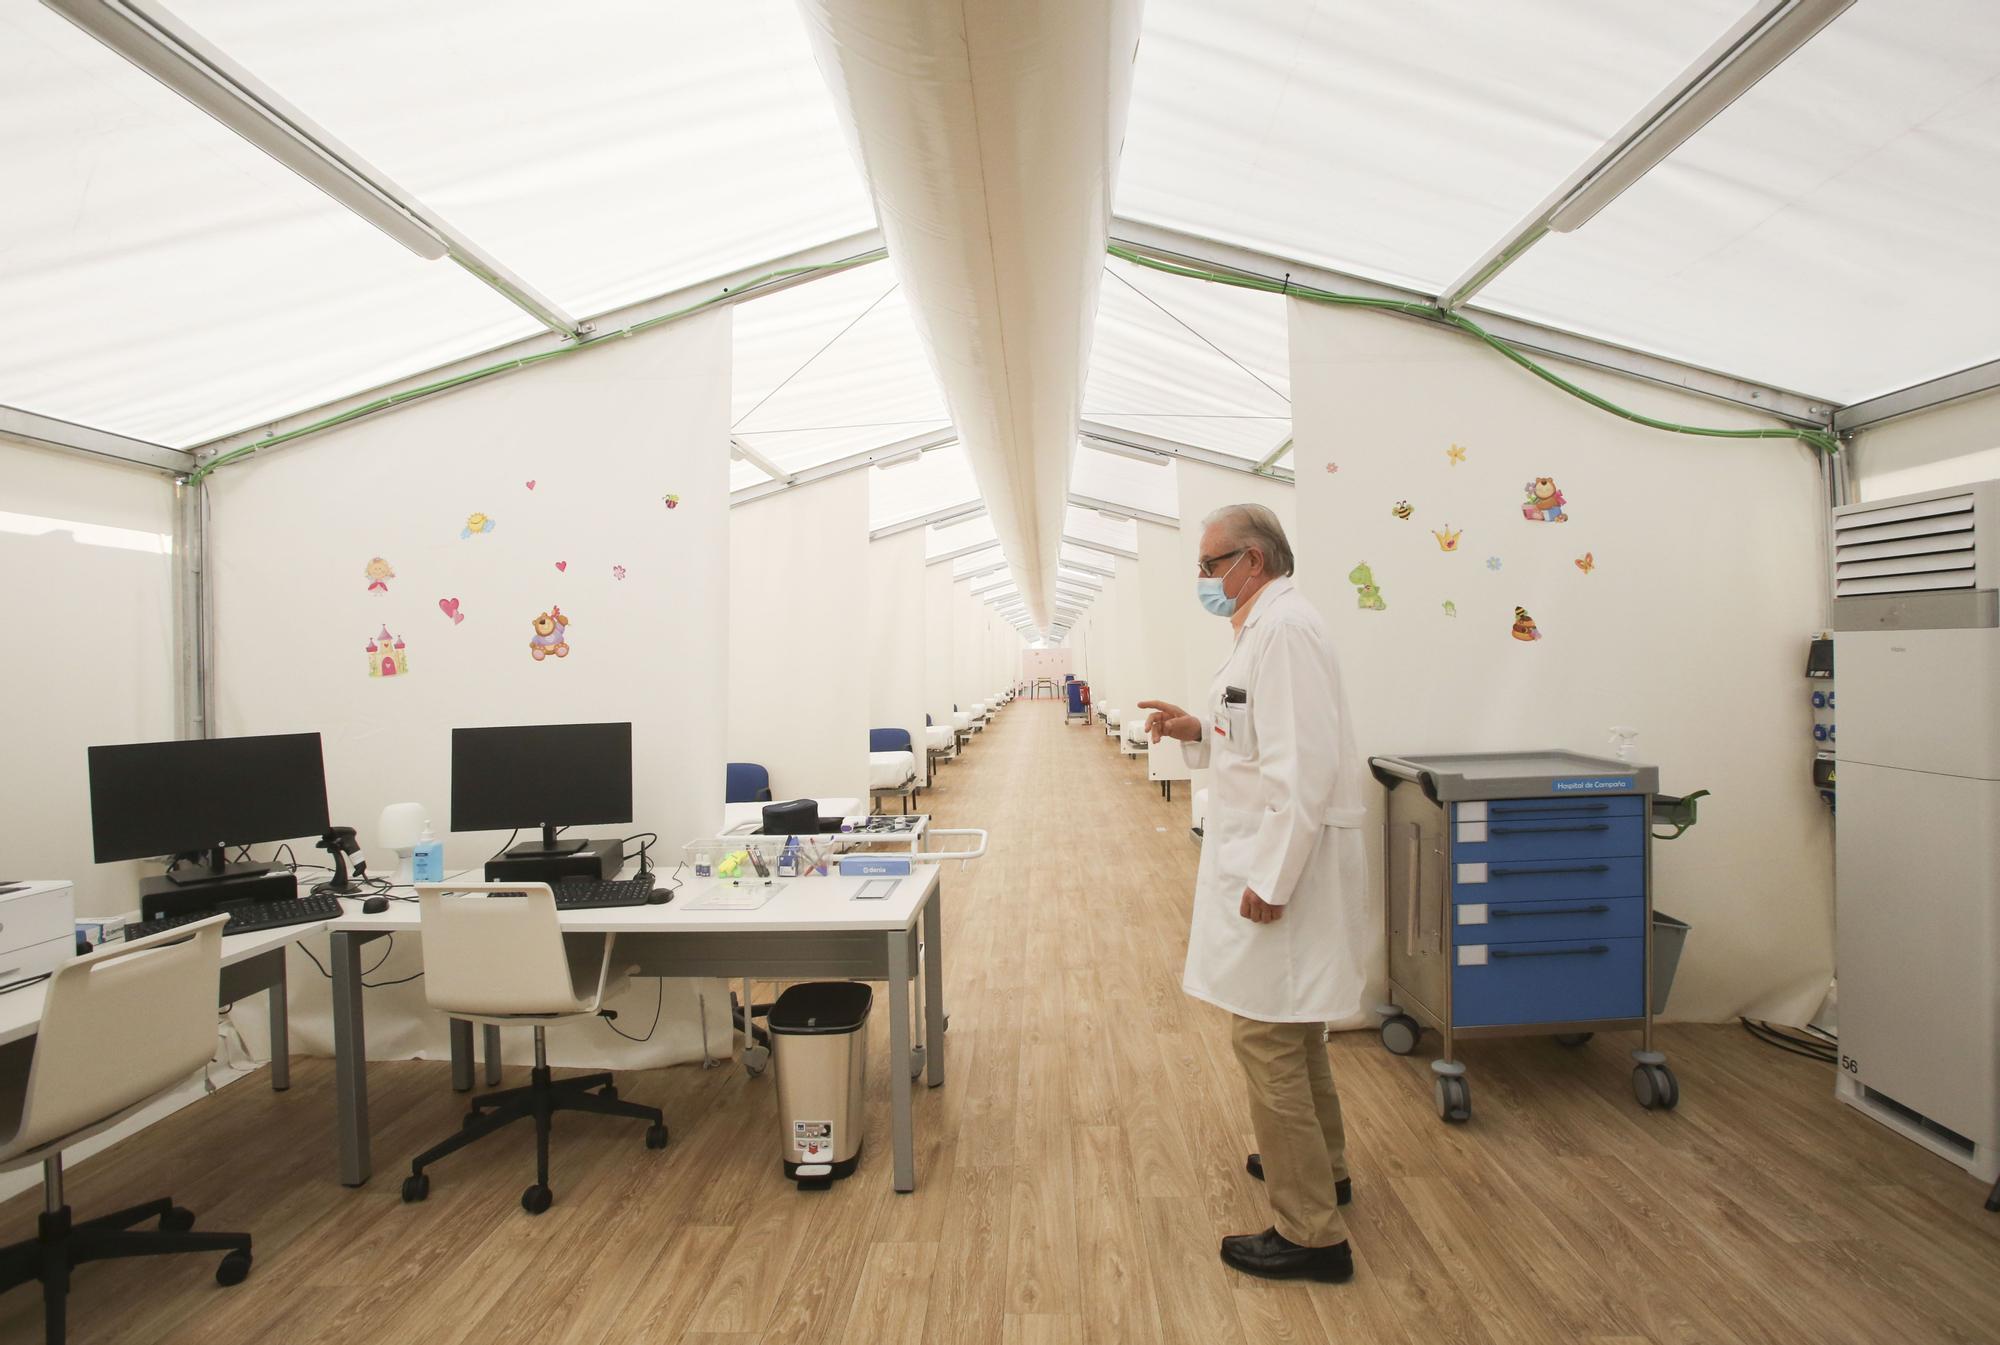 Sanidad prepara 80 camas del hospital de campaña para su apertura inminente